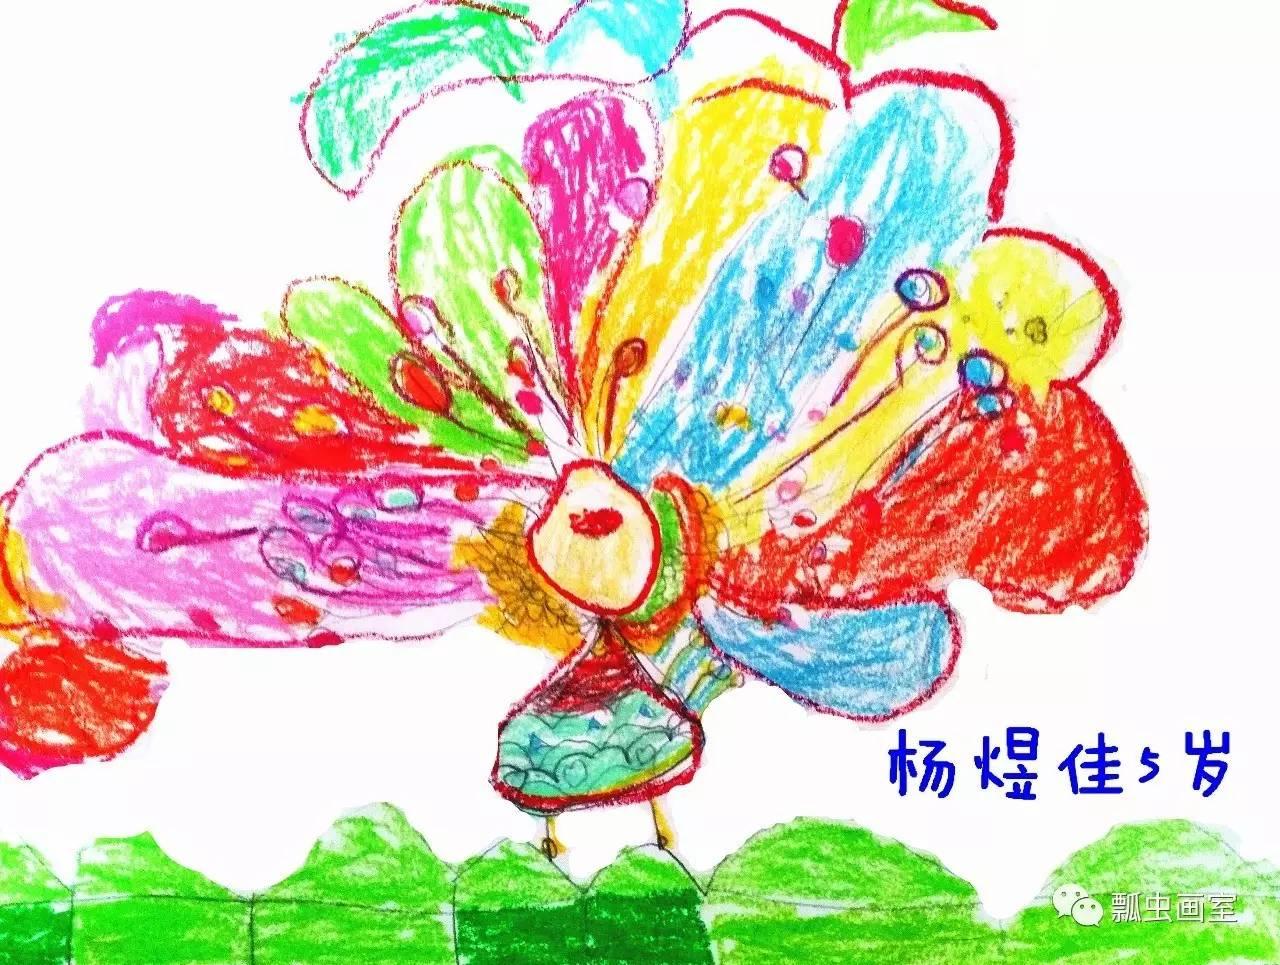 报纸剪贴画: 低幼班:(4-5岁)